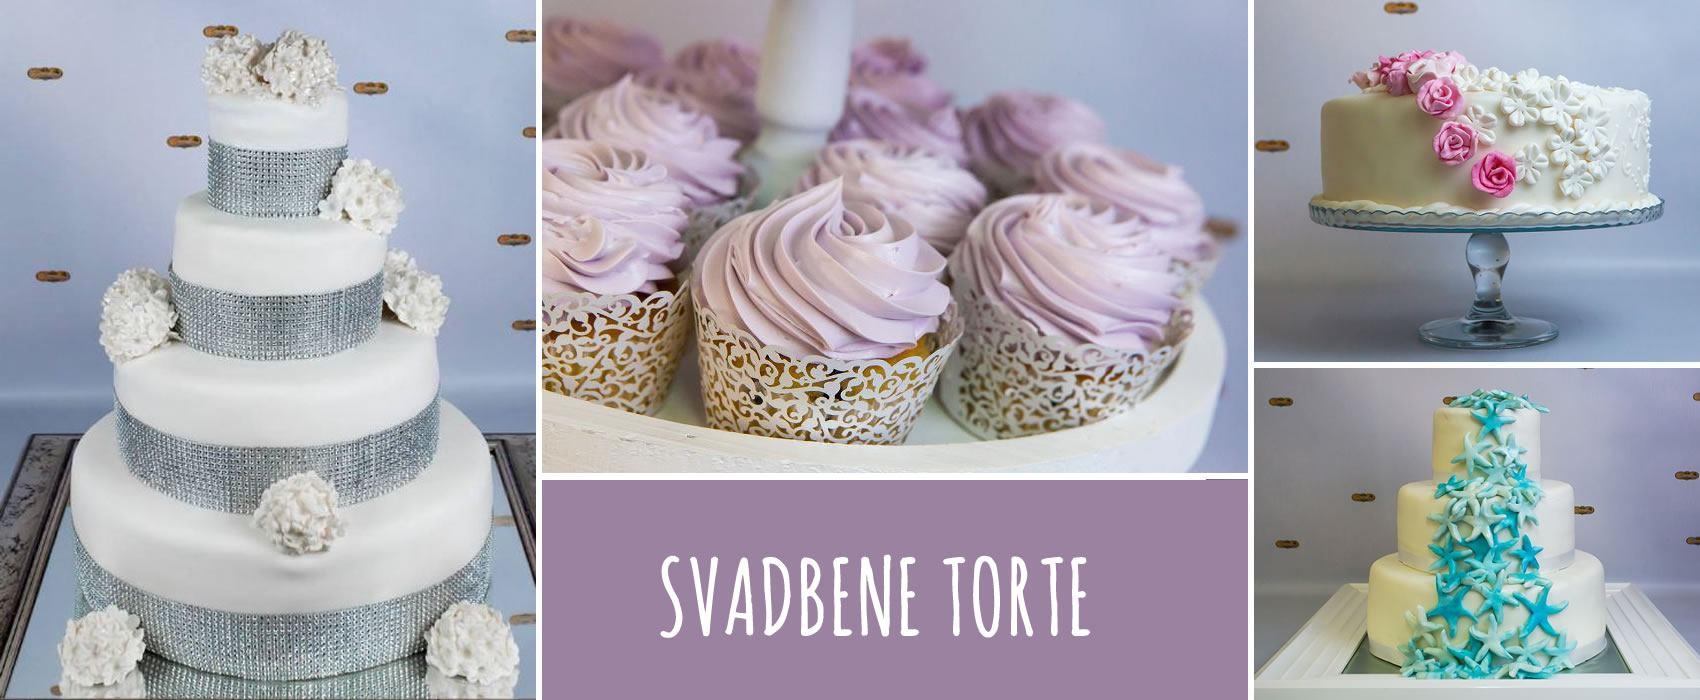 Izaberite svadbenu tortu iz snova u  Concettinu  (video)